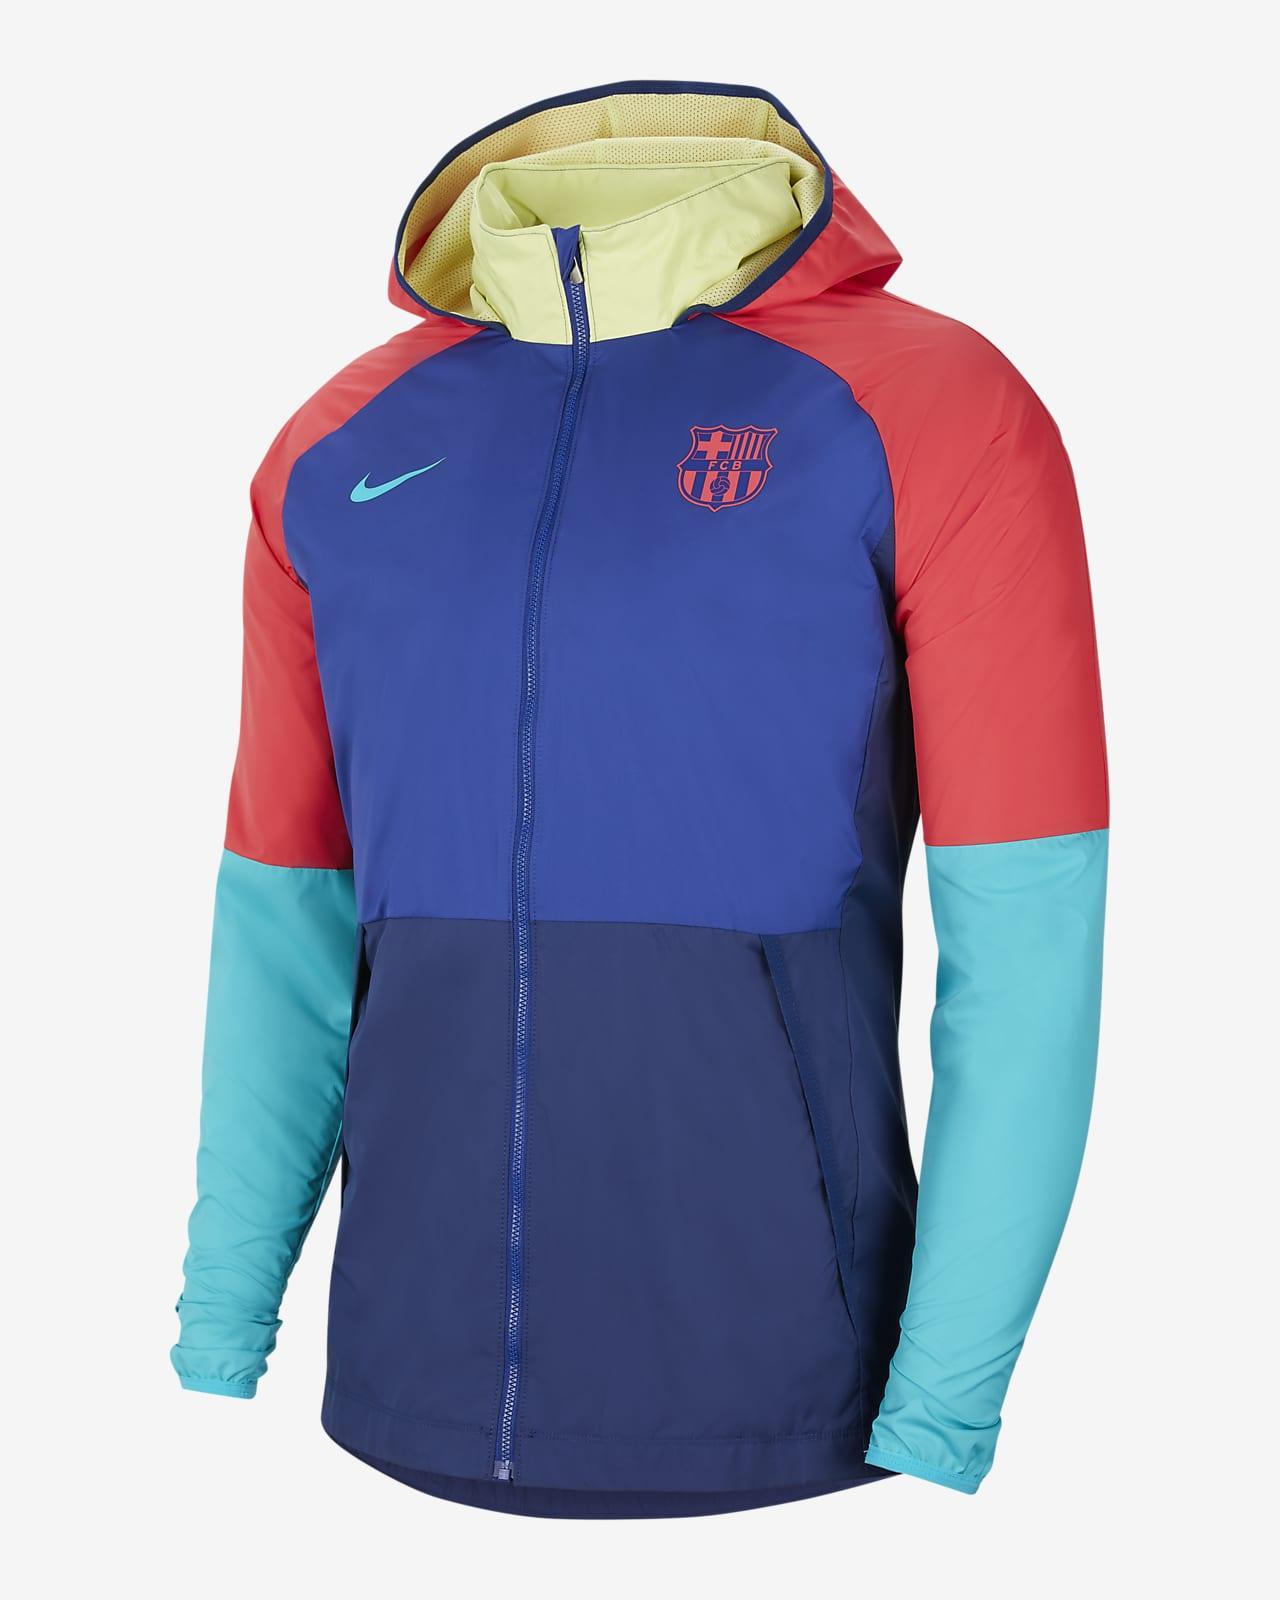 FC Barcelona mintás férfi futballkabát